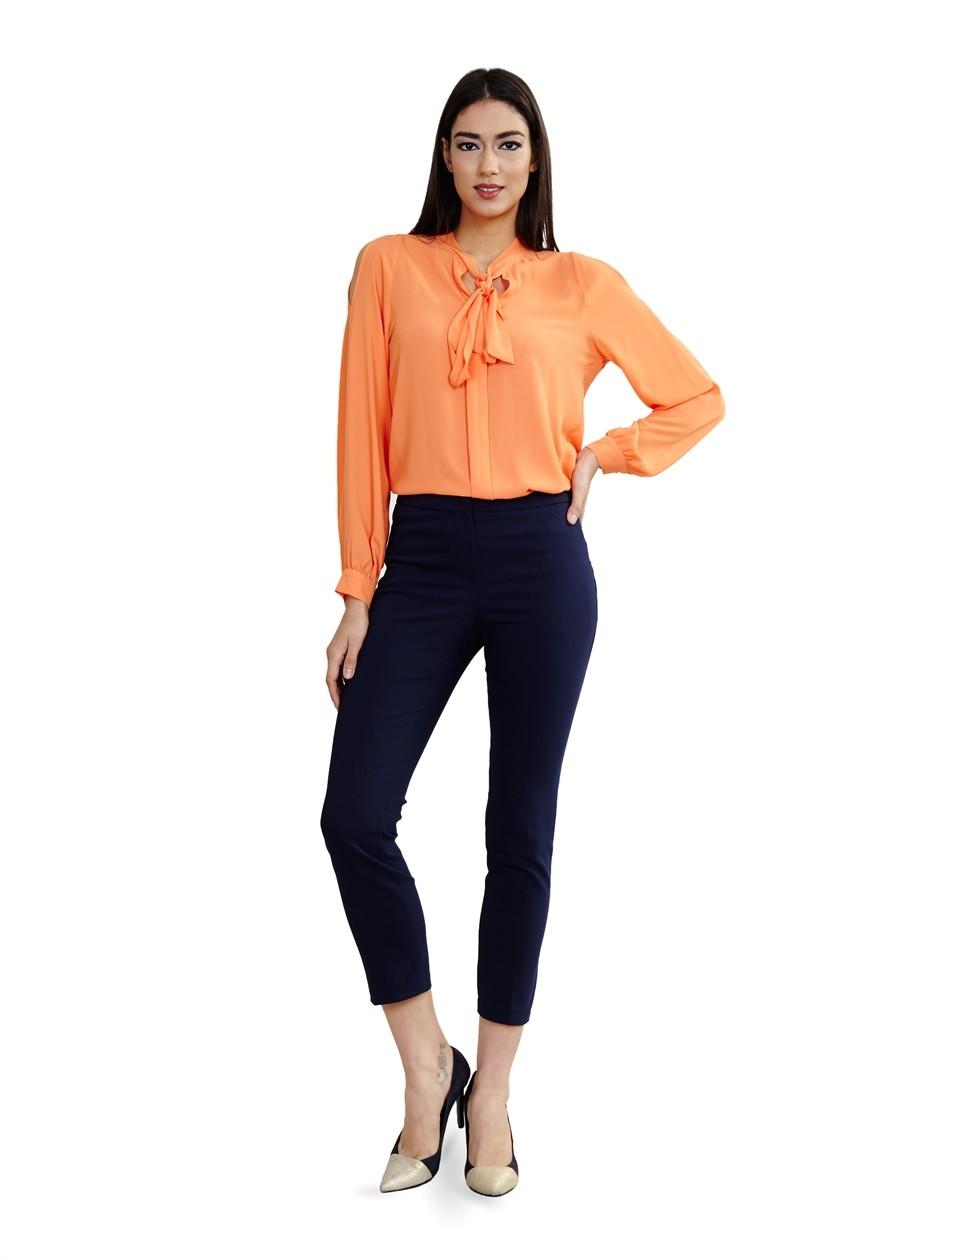 оранжевая блуза и темные укороченные брюки